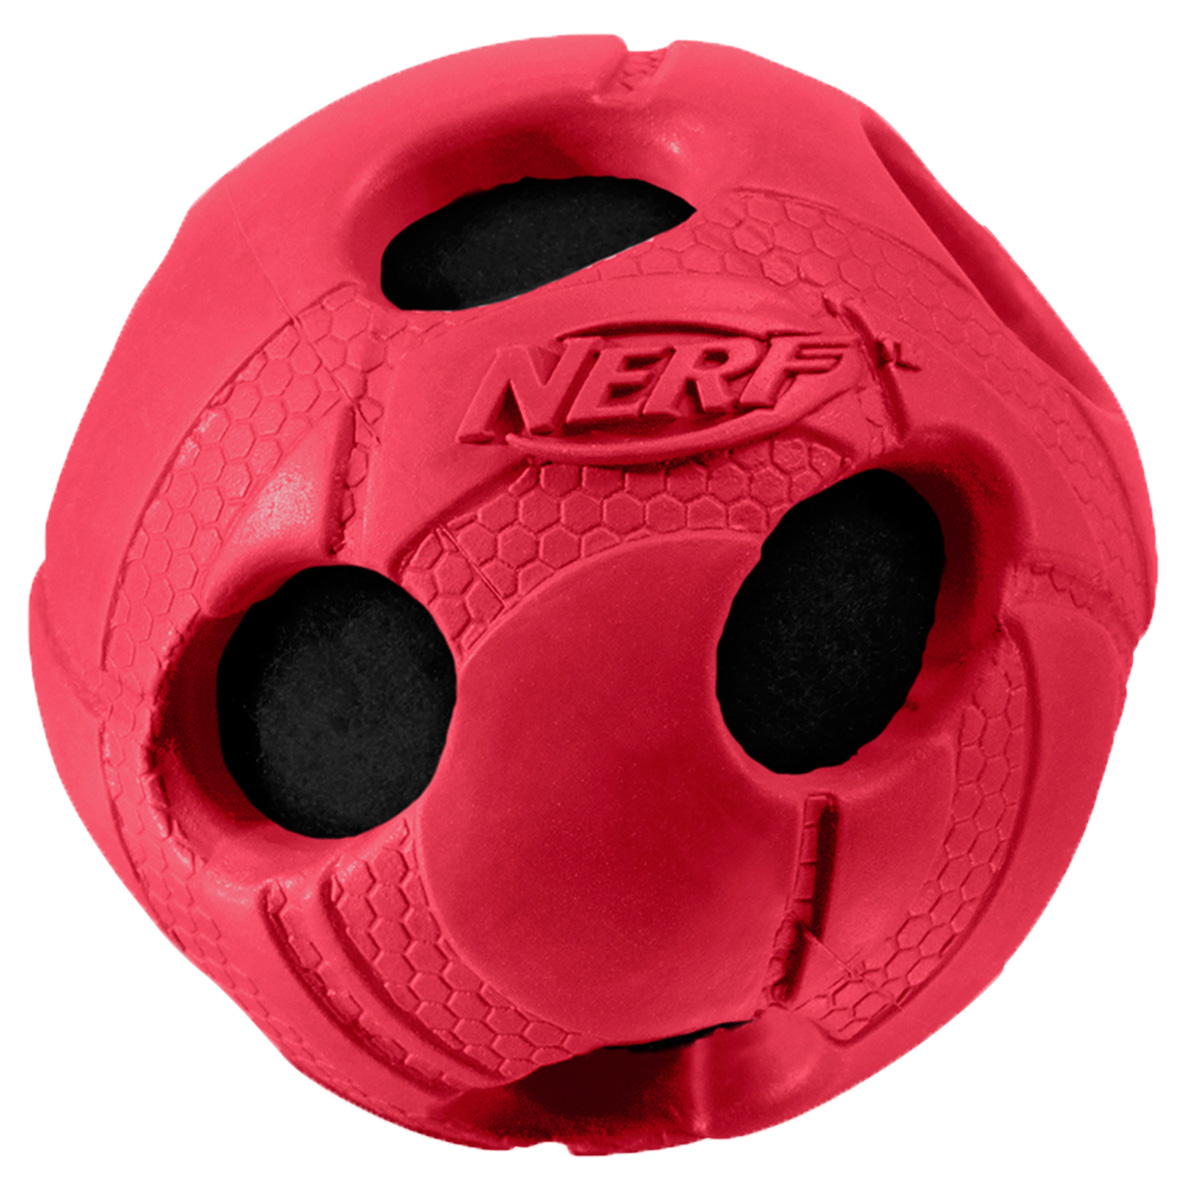 Игрушка для собак Nerf Мяч, с отверстиями, цвет: красный, 5 см